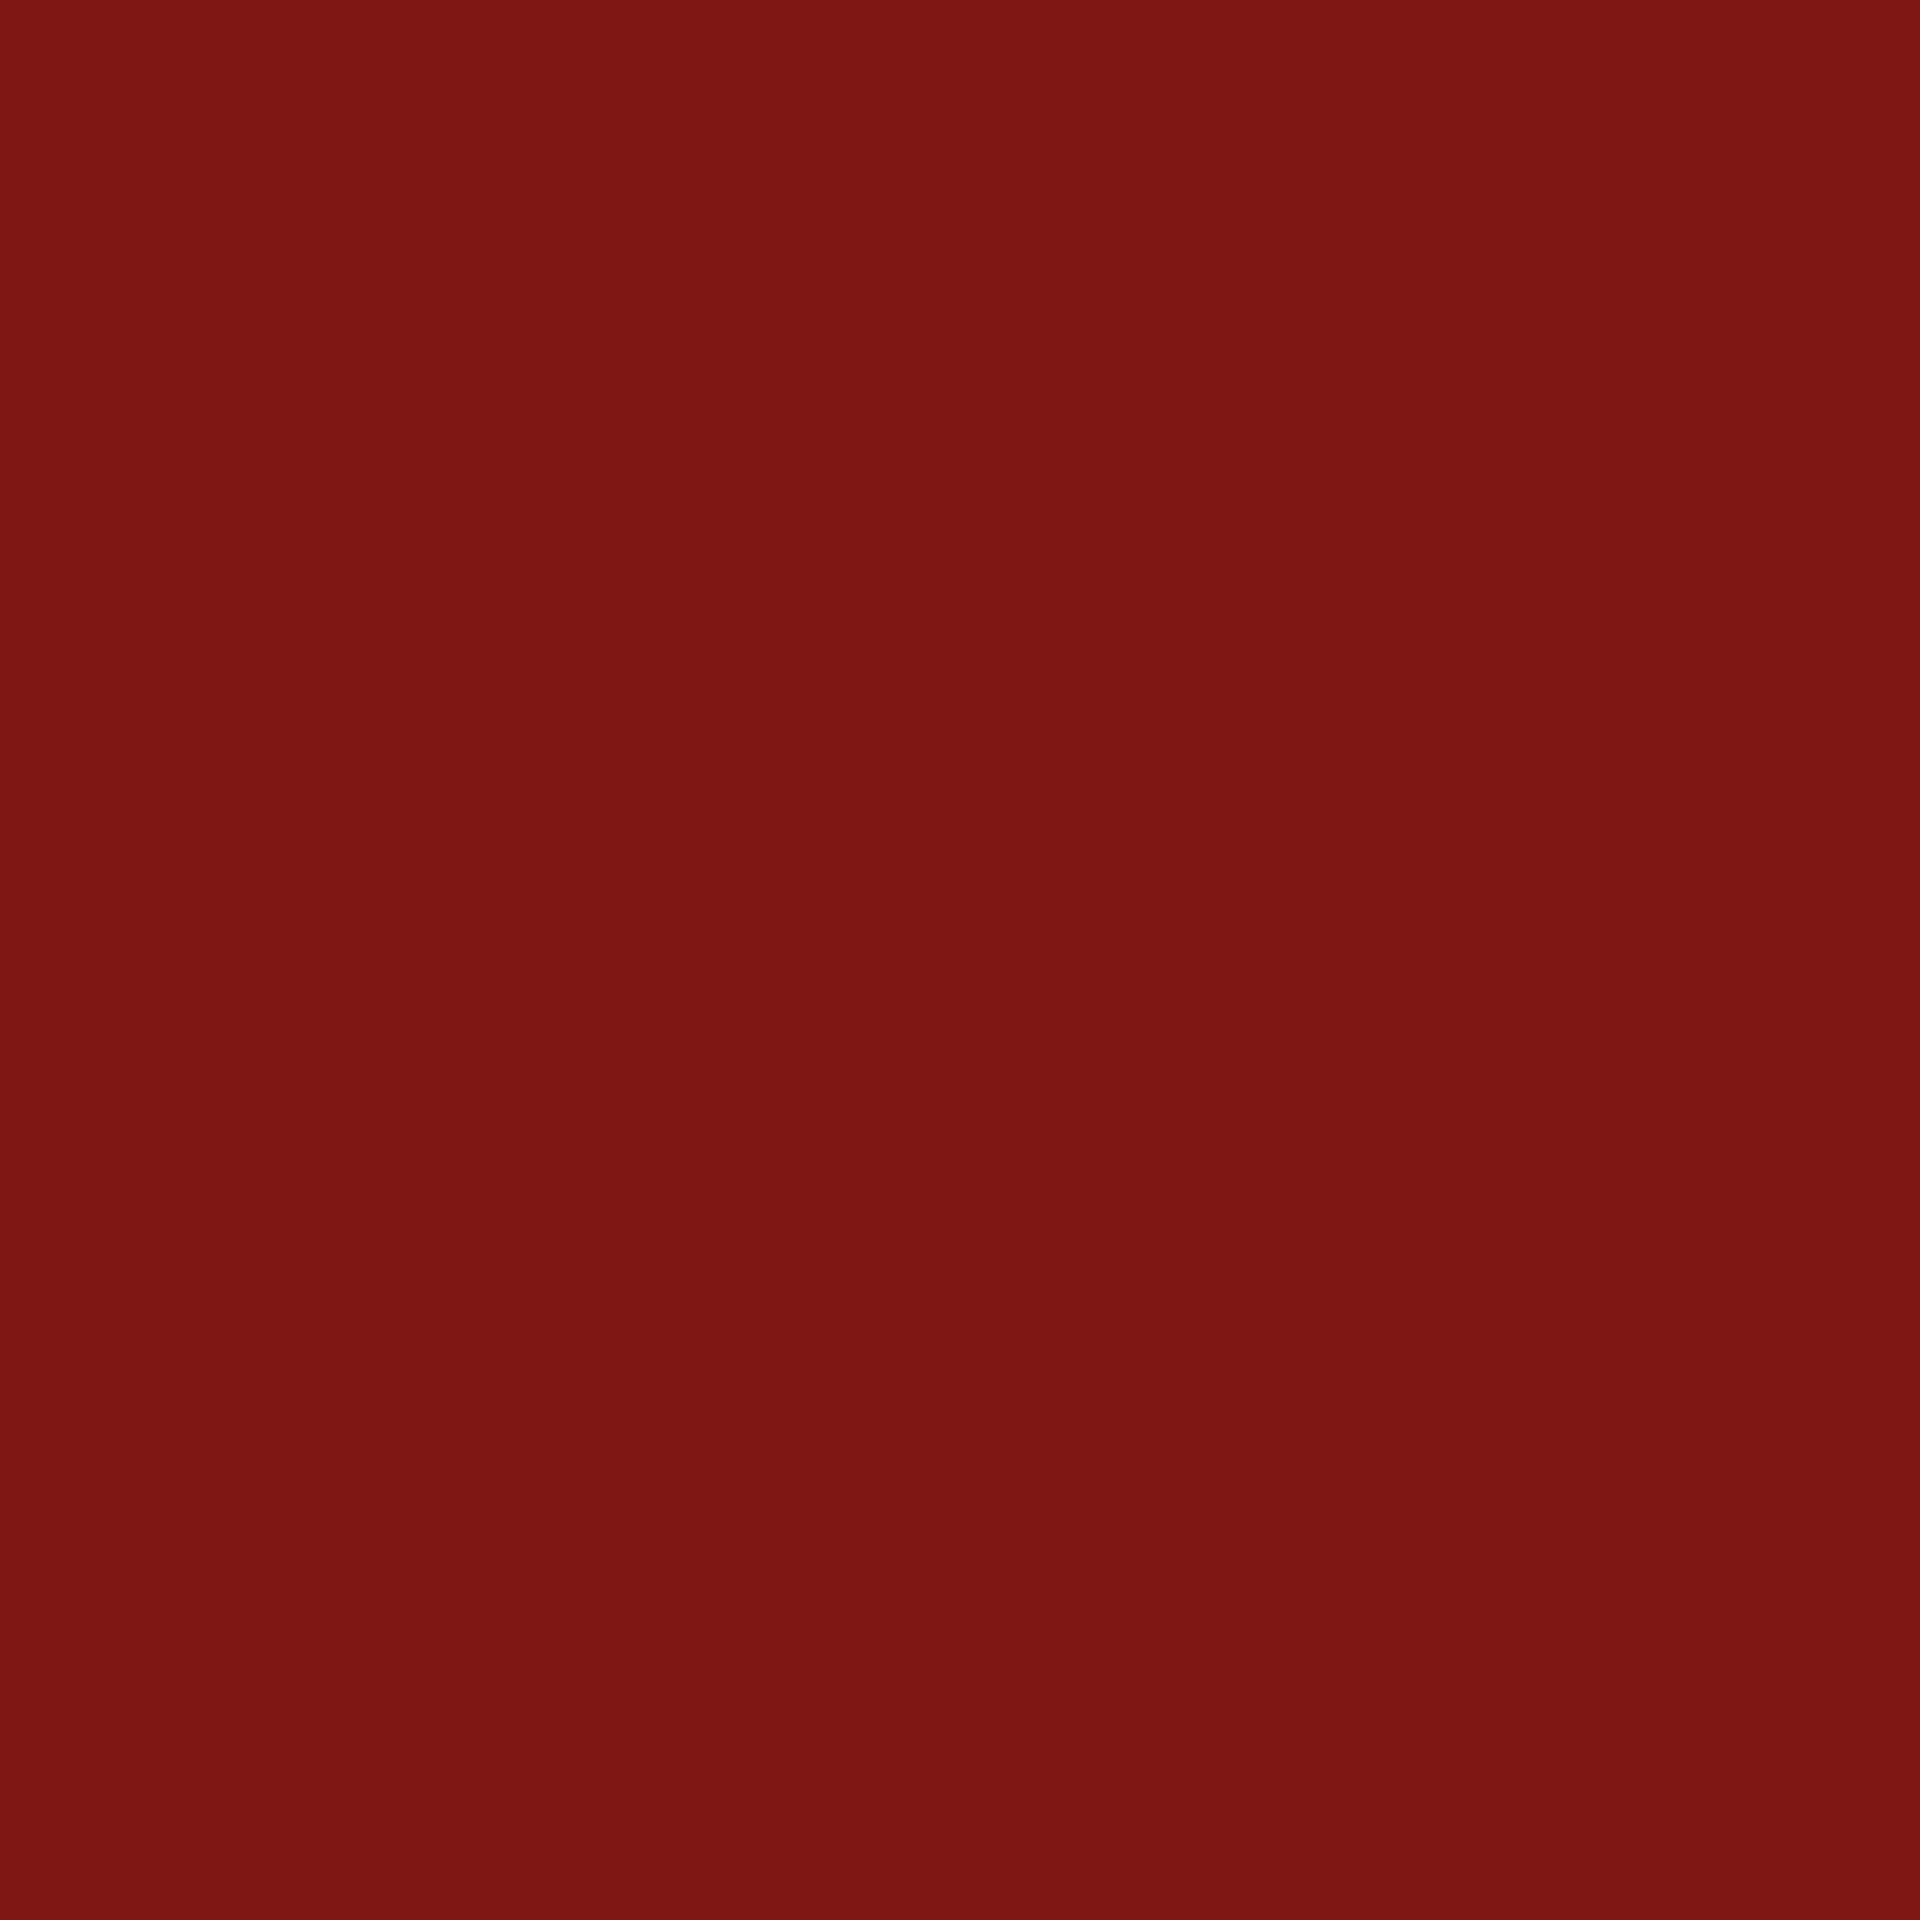 картинка Пленка ORACAL 641-26М 1.00х50м от магазина КАВКАЗ